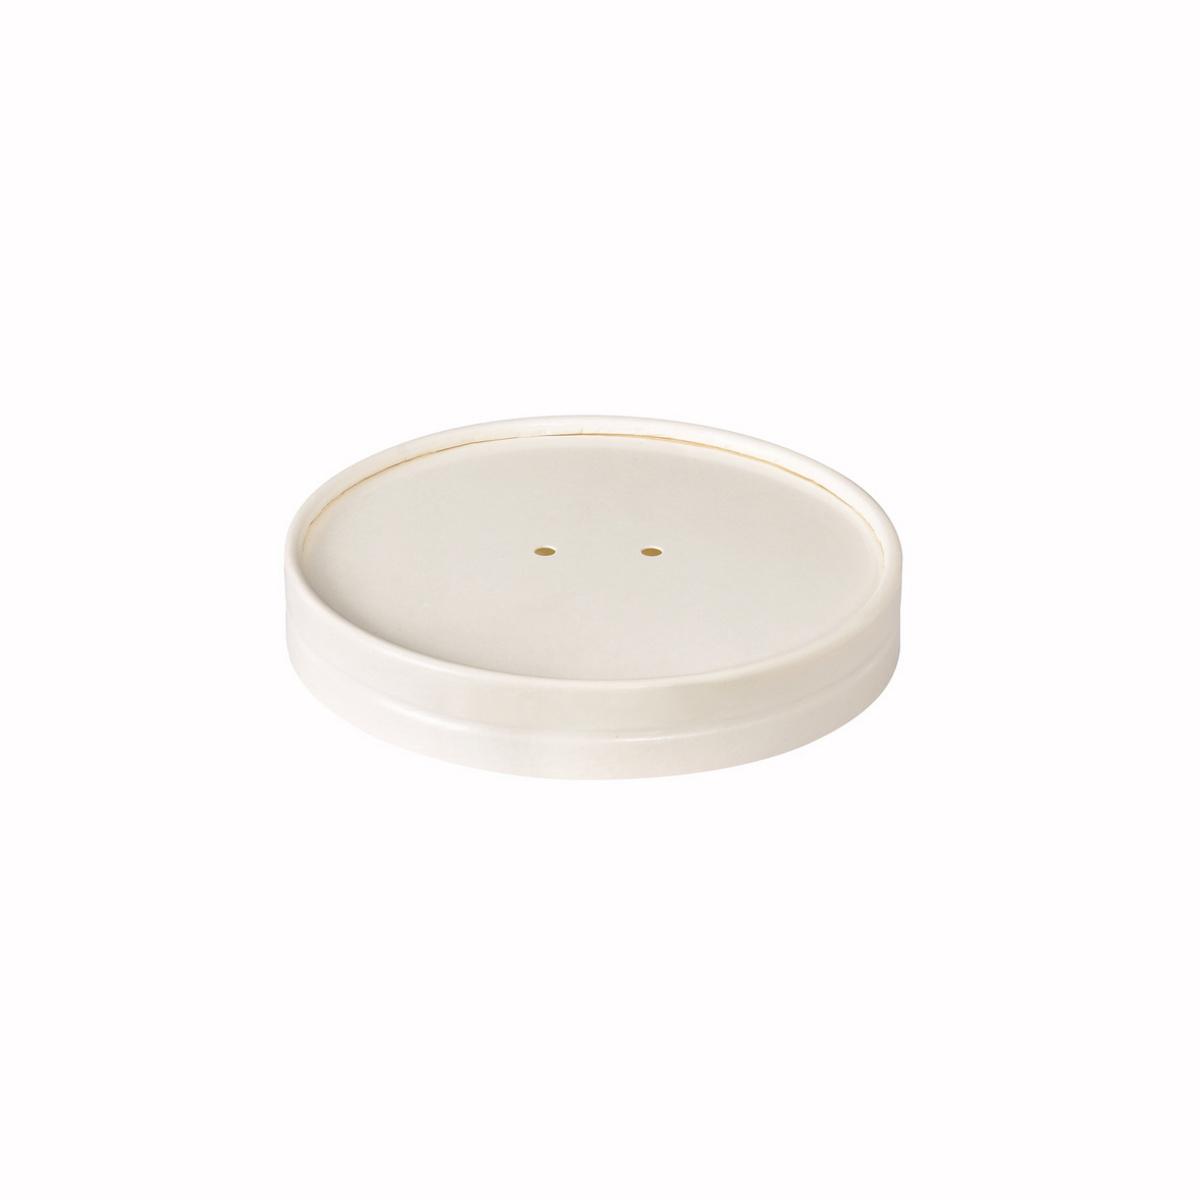 Couvercle rond blanc Ø 11,60 cm Duni (25 pièces)